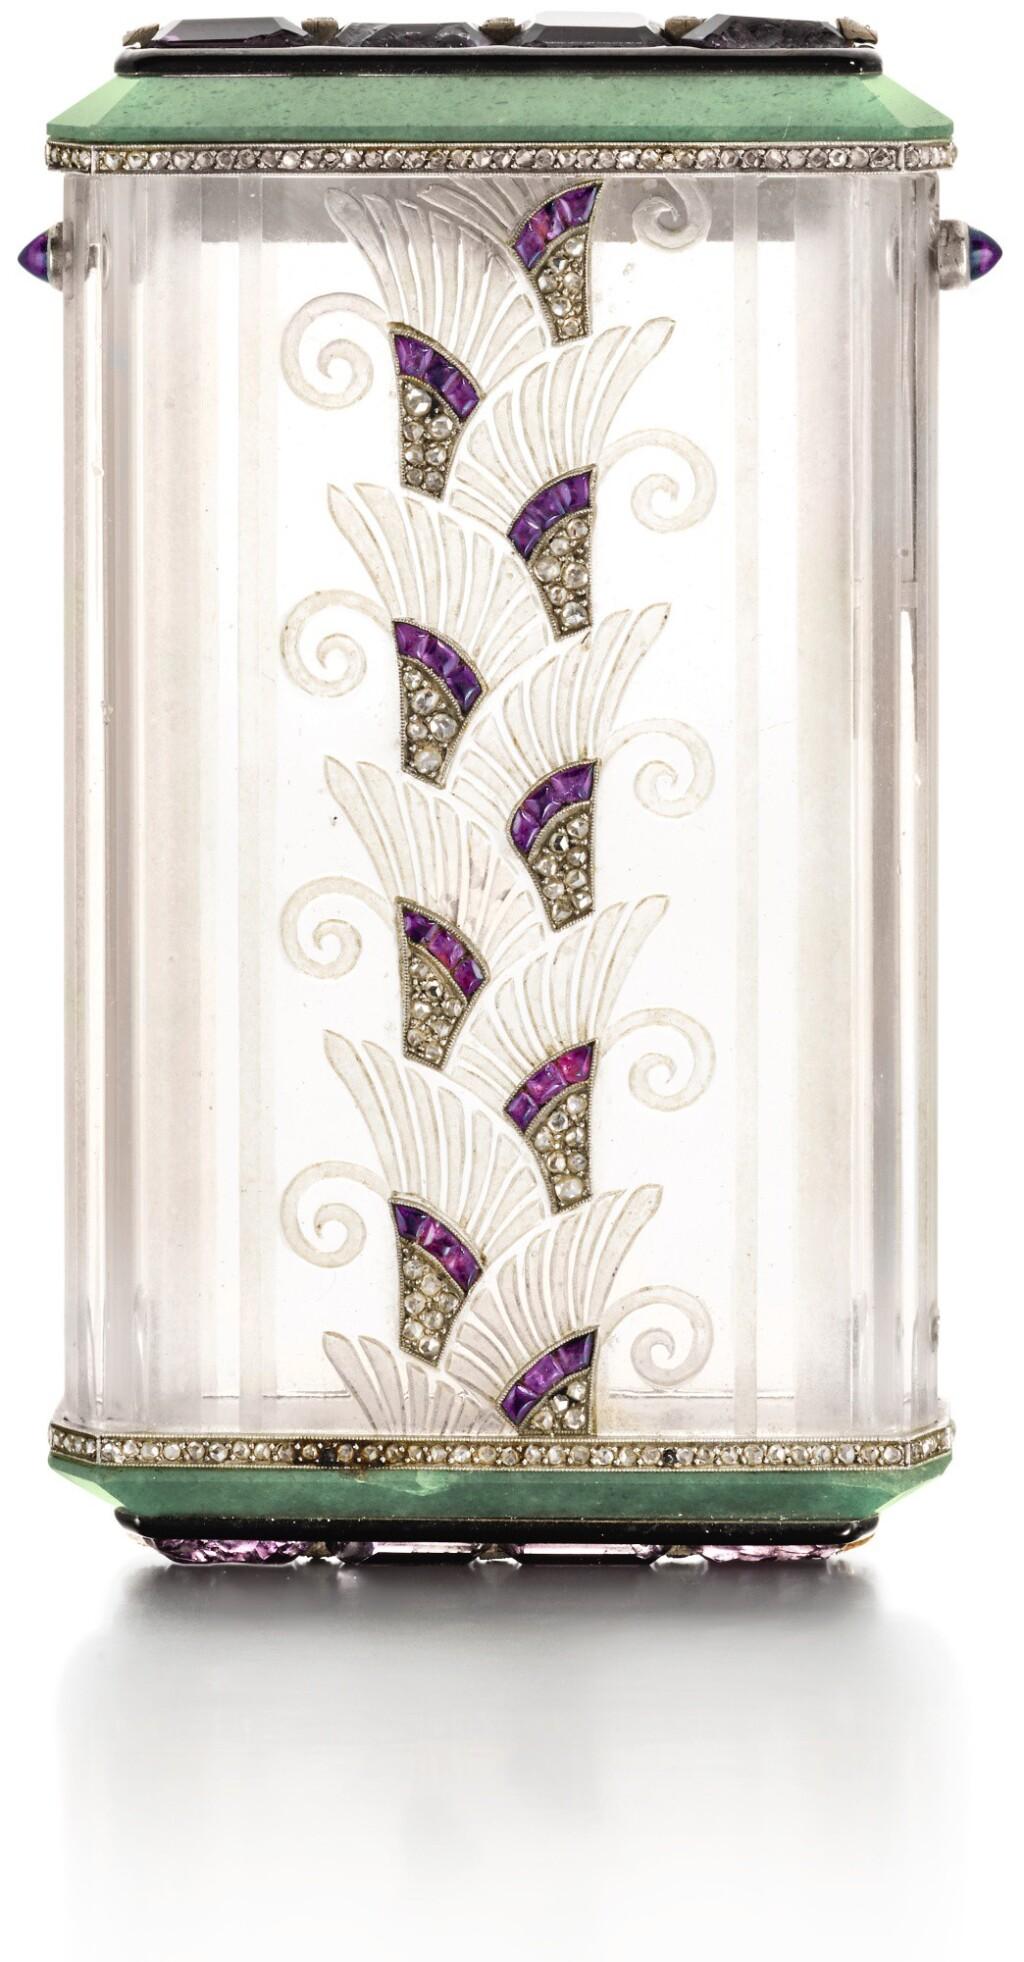 A JEWELLED PLATINUM-MOUNTED HARDSTONE ART DECO CIGARETTE CASE, STRAUSS, ALLARD & MEYER, PARIS, CIRCA 1925